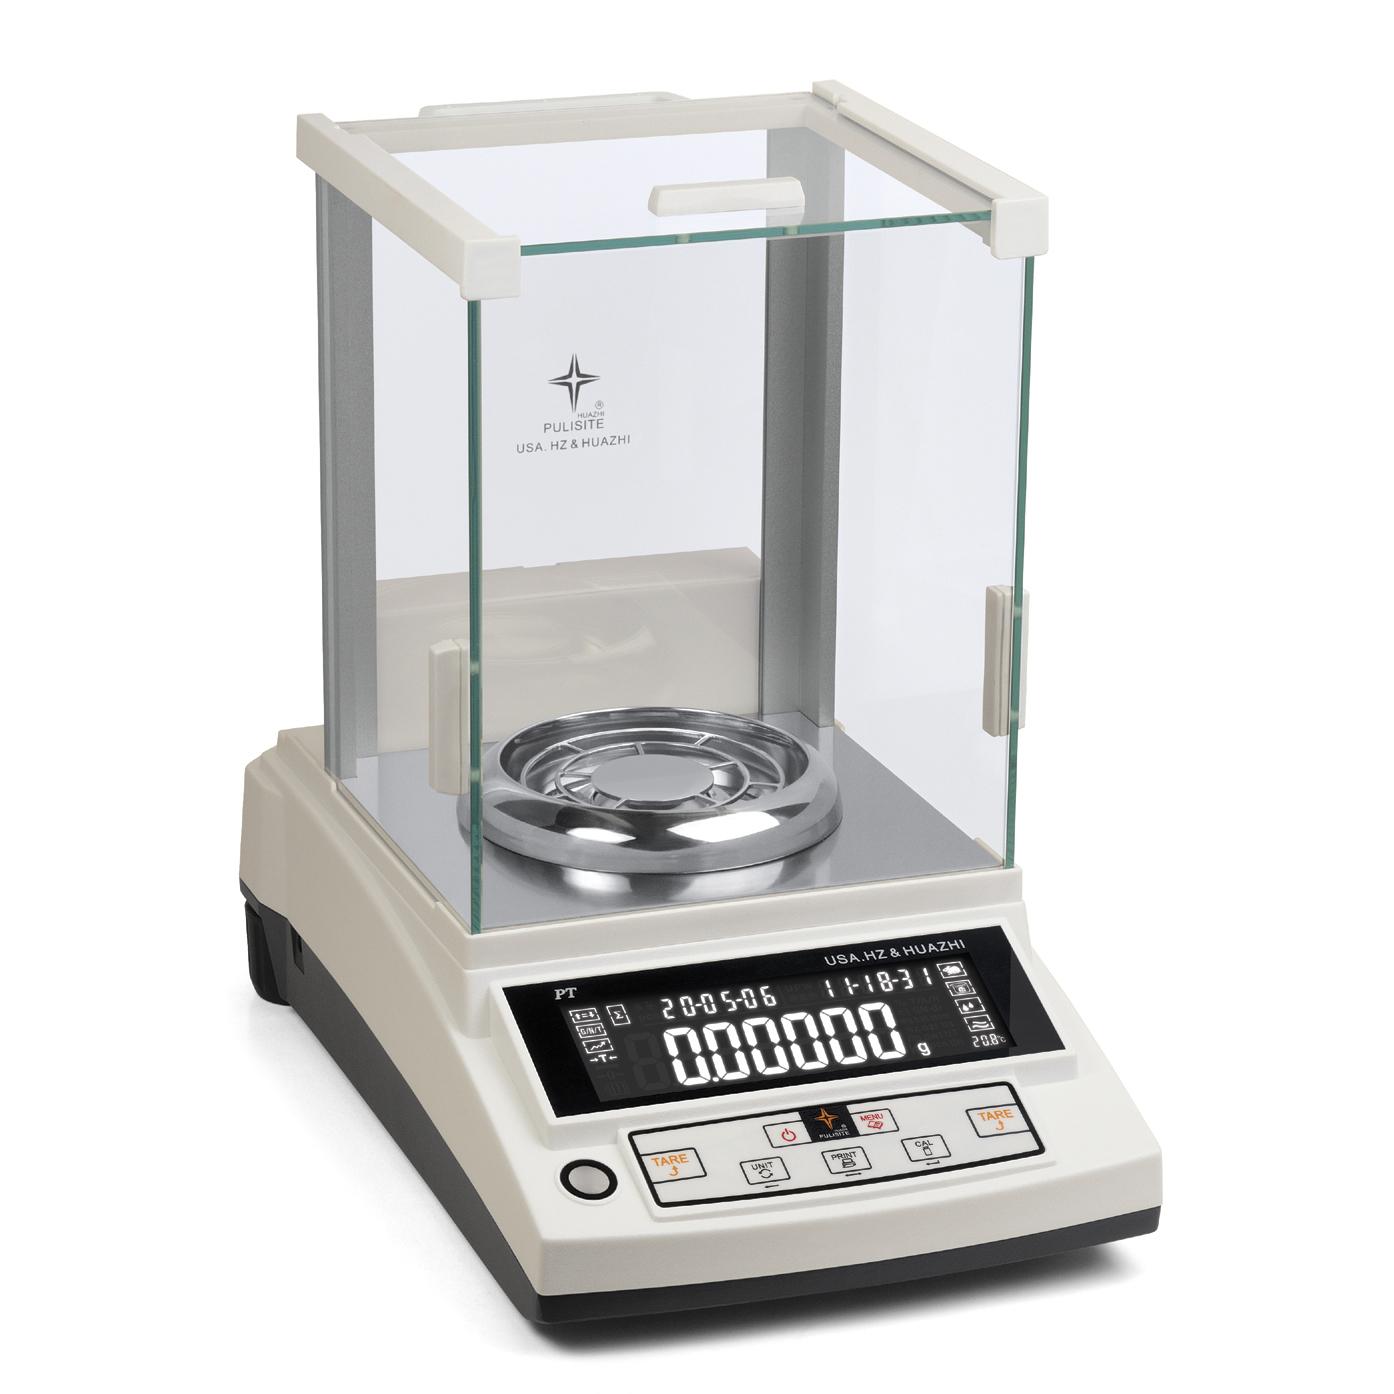 华志 准微量型天平0.01mg(10万分之一克)PT-系列